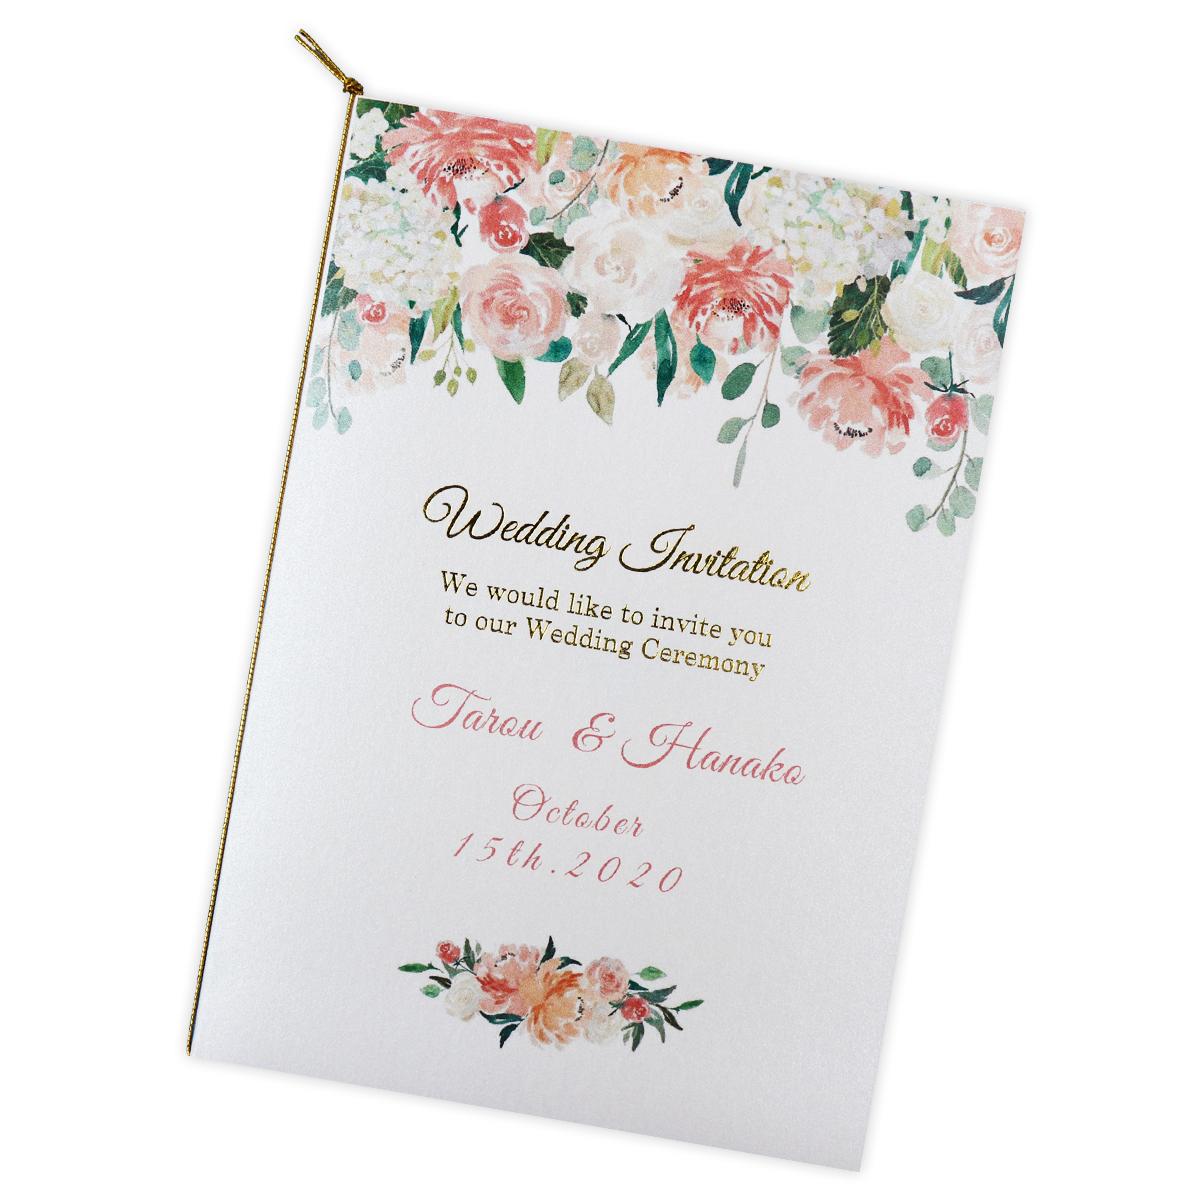 結婚式 招待状 手作りキット 名入れ ペールピンク アーチ いっぽウェディング